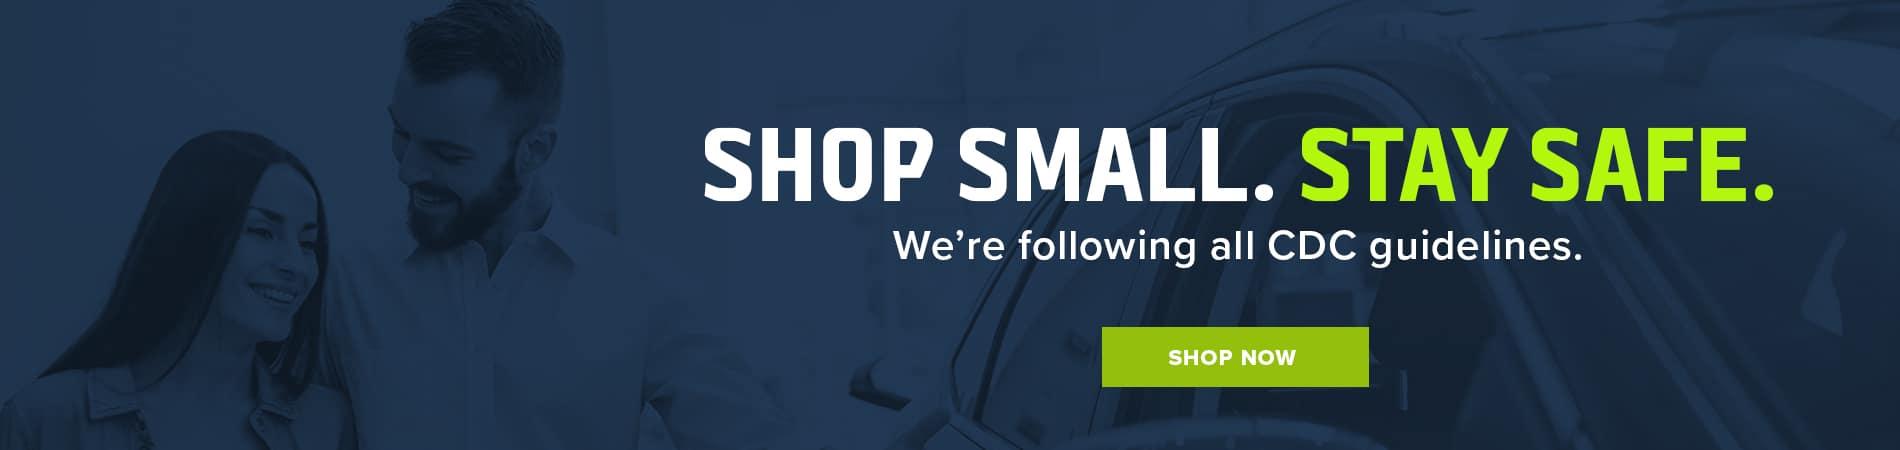 ShopSmall_HeroSlider_1900x450